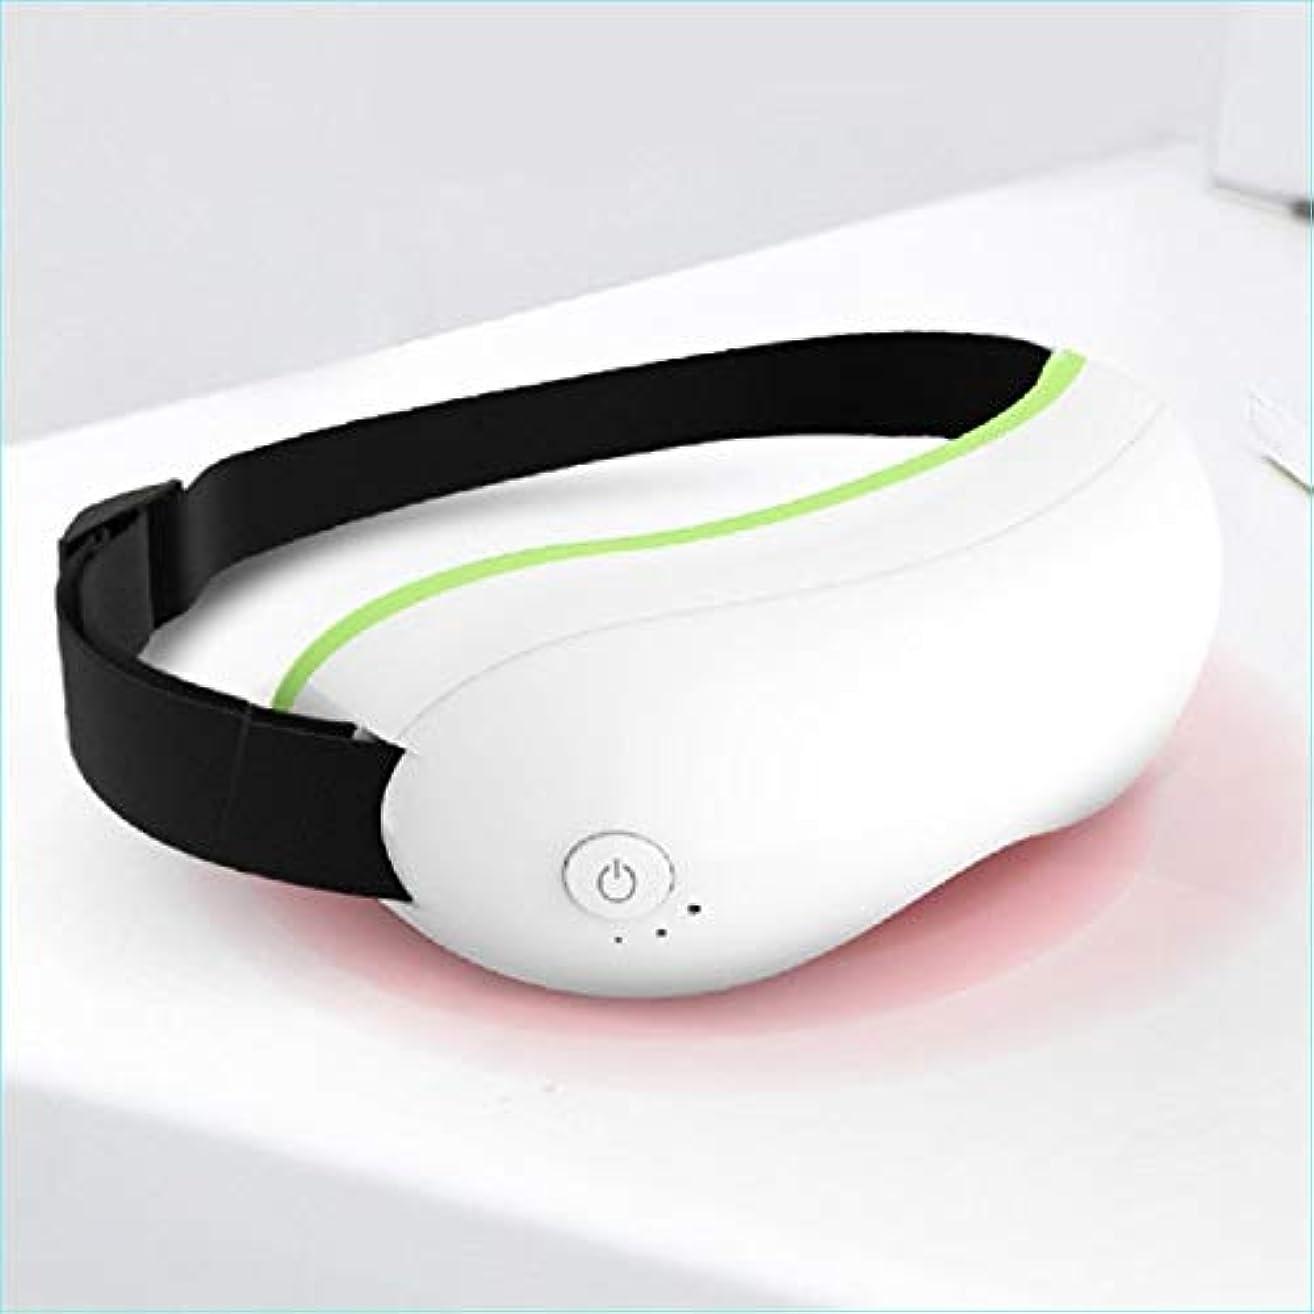 湾汚染追記Meet now 暖房付きの高度な充電式ワイヤレスインテリジェント振動アイマッサージ 品質保証 (Color : White)